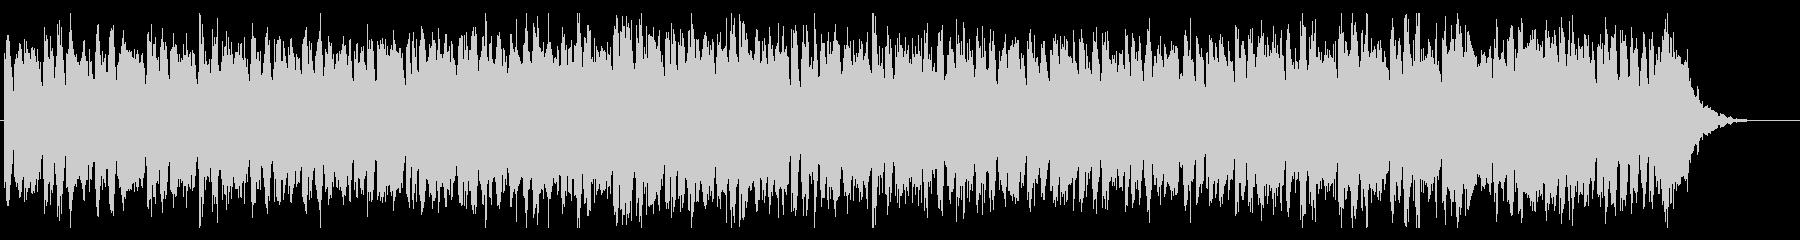 明るいシンプルなビートのEDMの未再生の波形